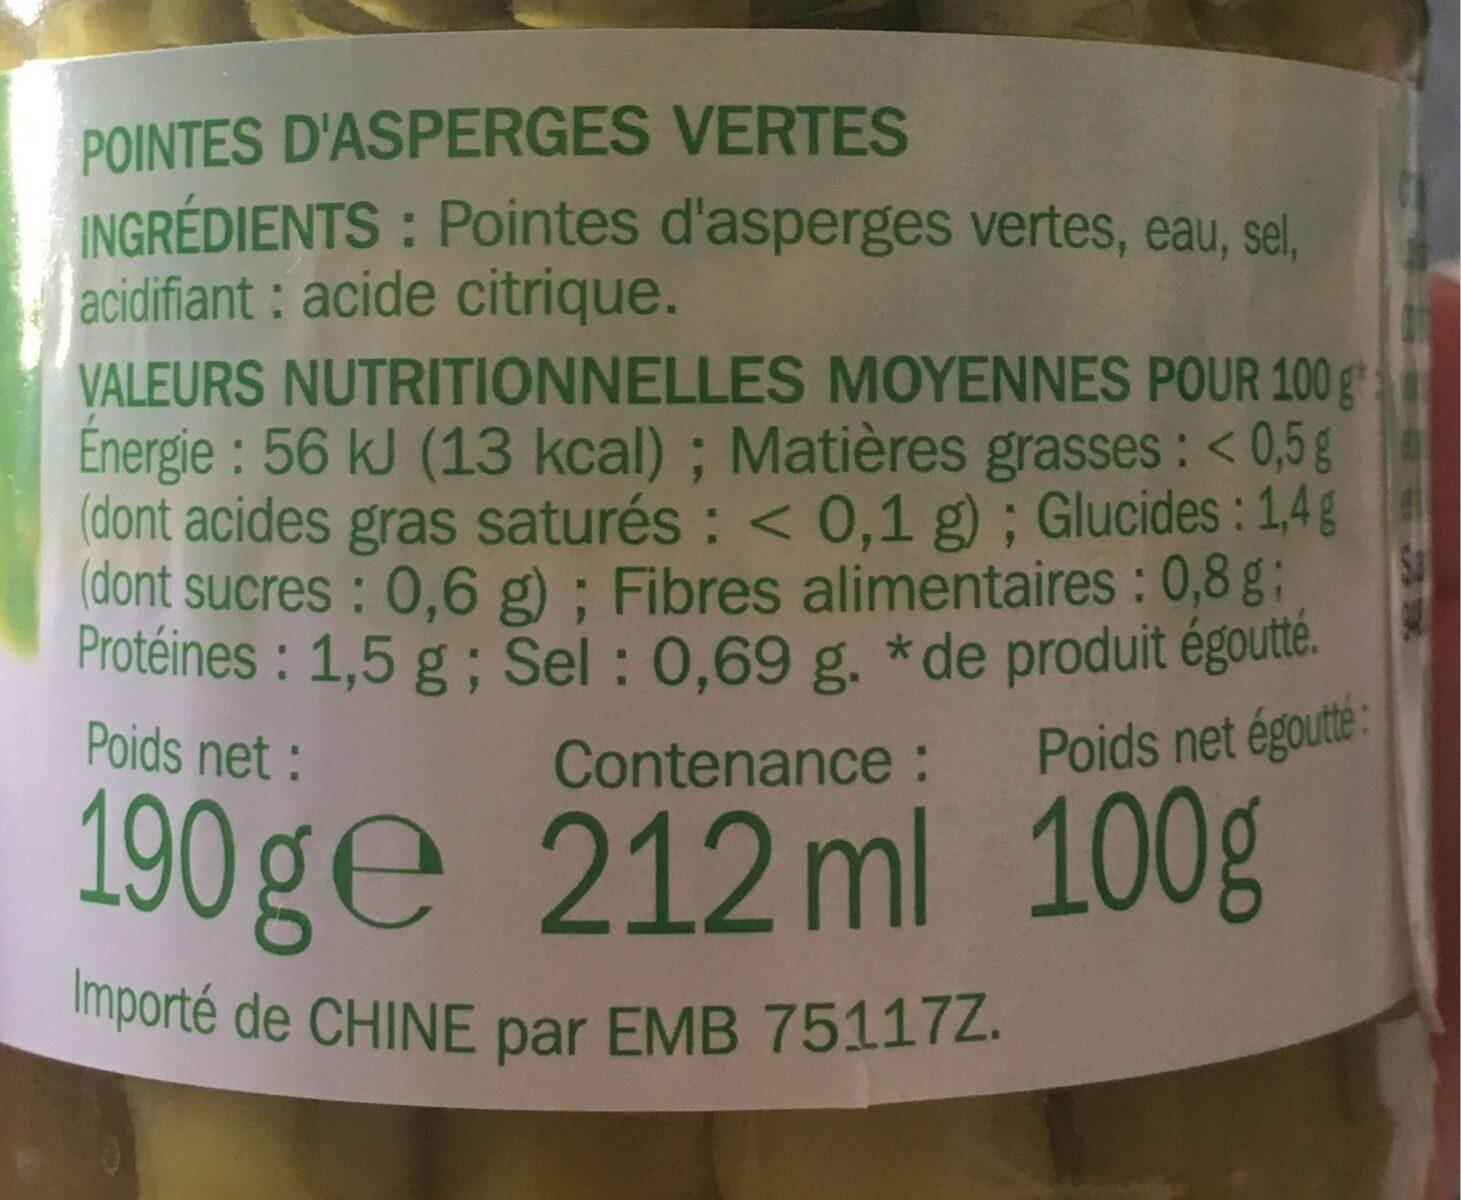 Asperges vertes pointes - bocal - Informations nutritionnelles - fr